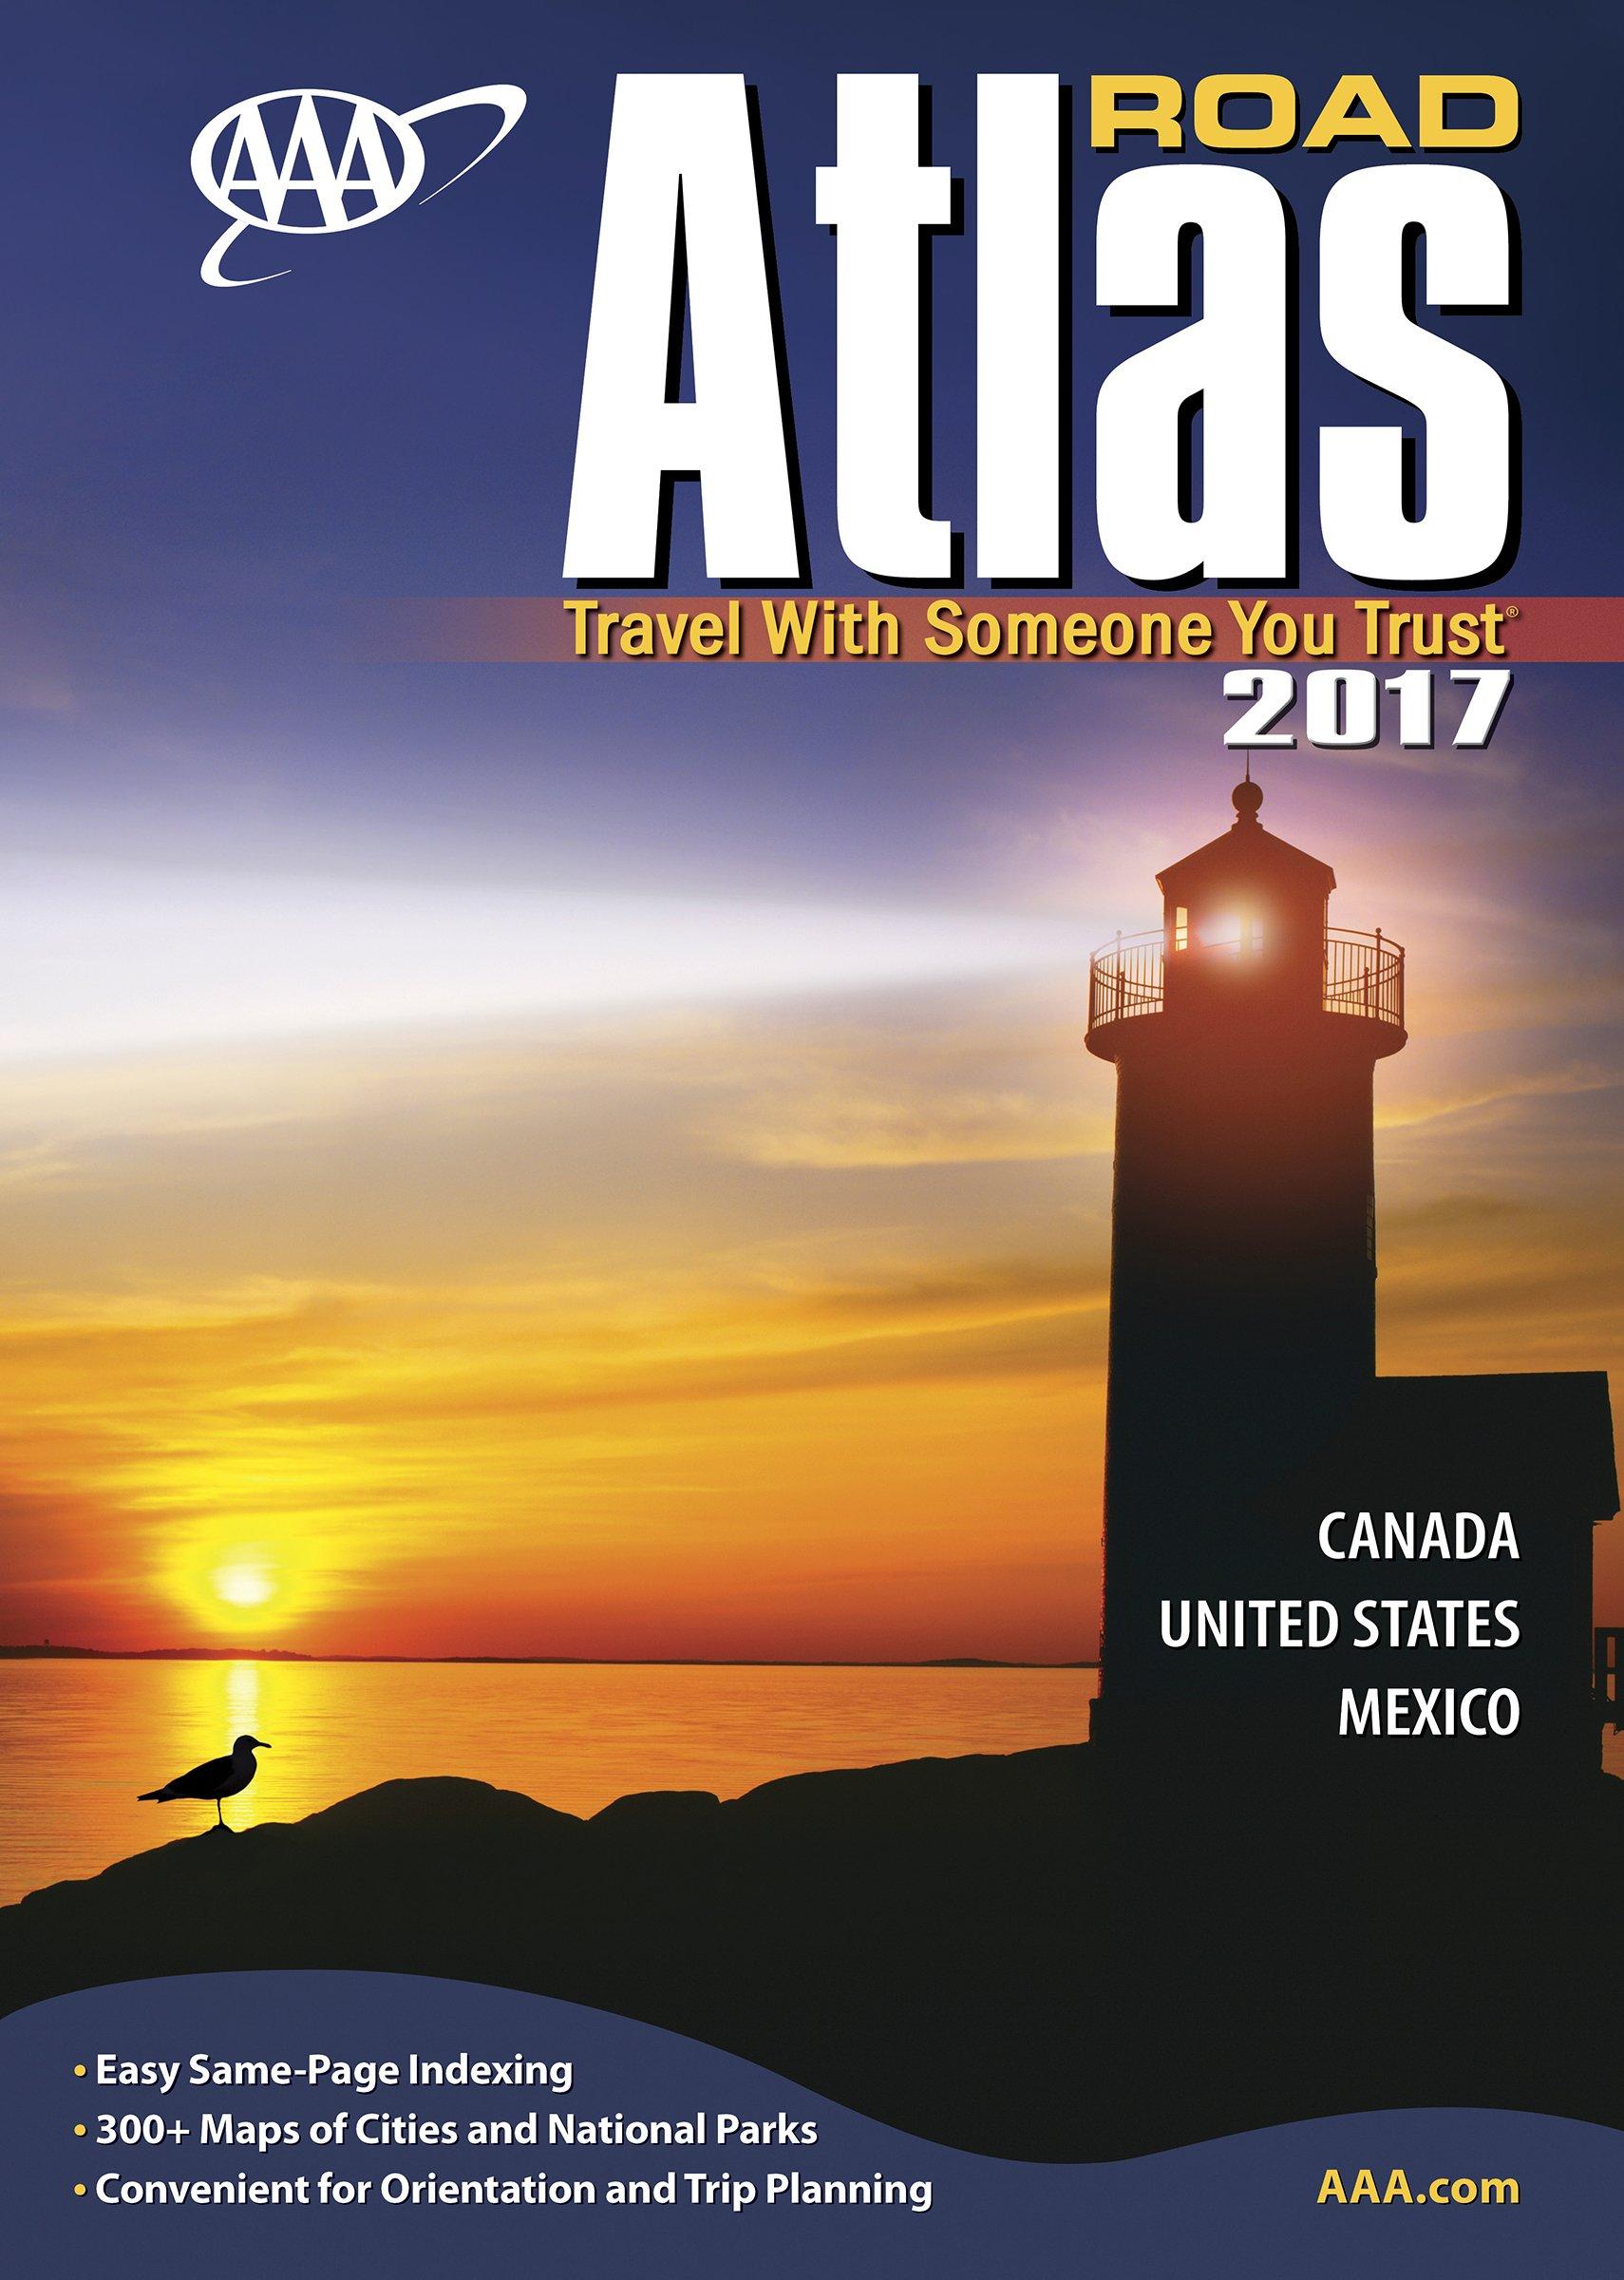 AAA Road Atlas Aaa North American Road Atlas AAA Travel - Does aaa have maps of the us